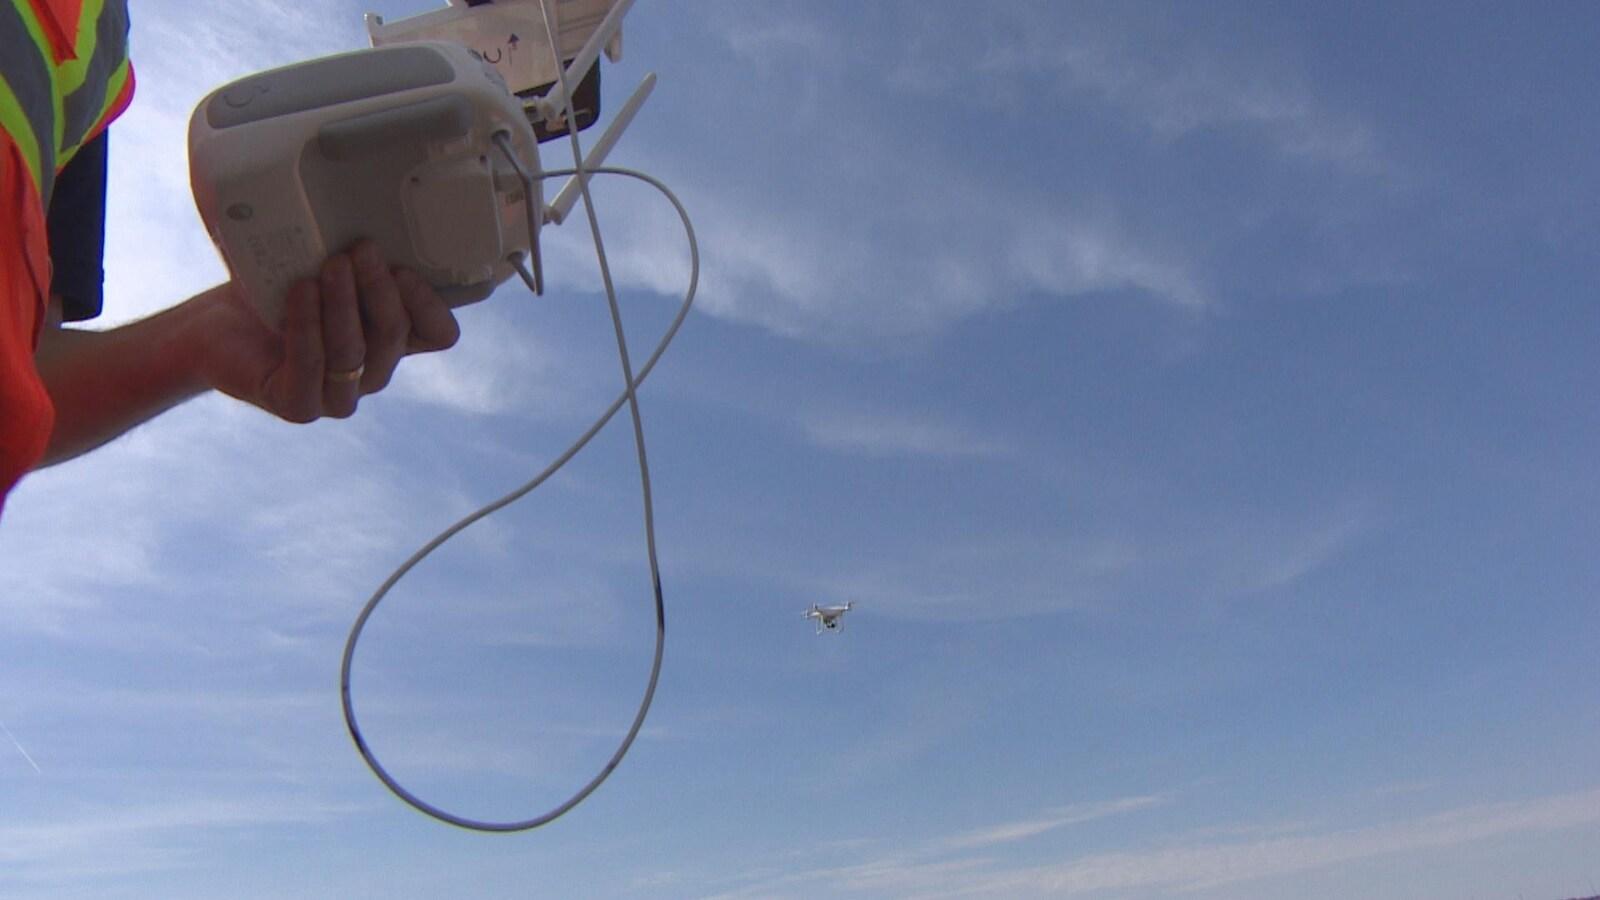 Au premier plan à gauche : les mains d'un pilote de drone manipulent une télécommande. Au fond, en arrière-plan : un drone blanc vole dans le ciel.